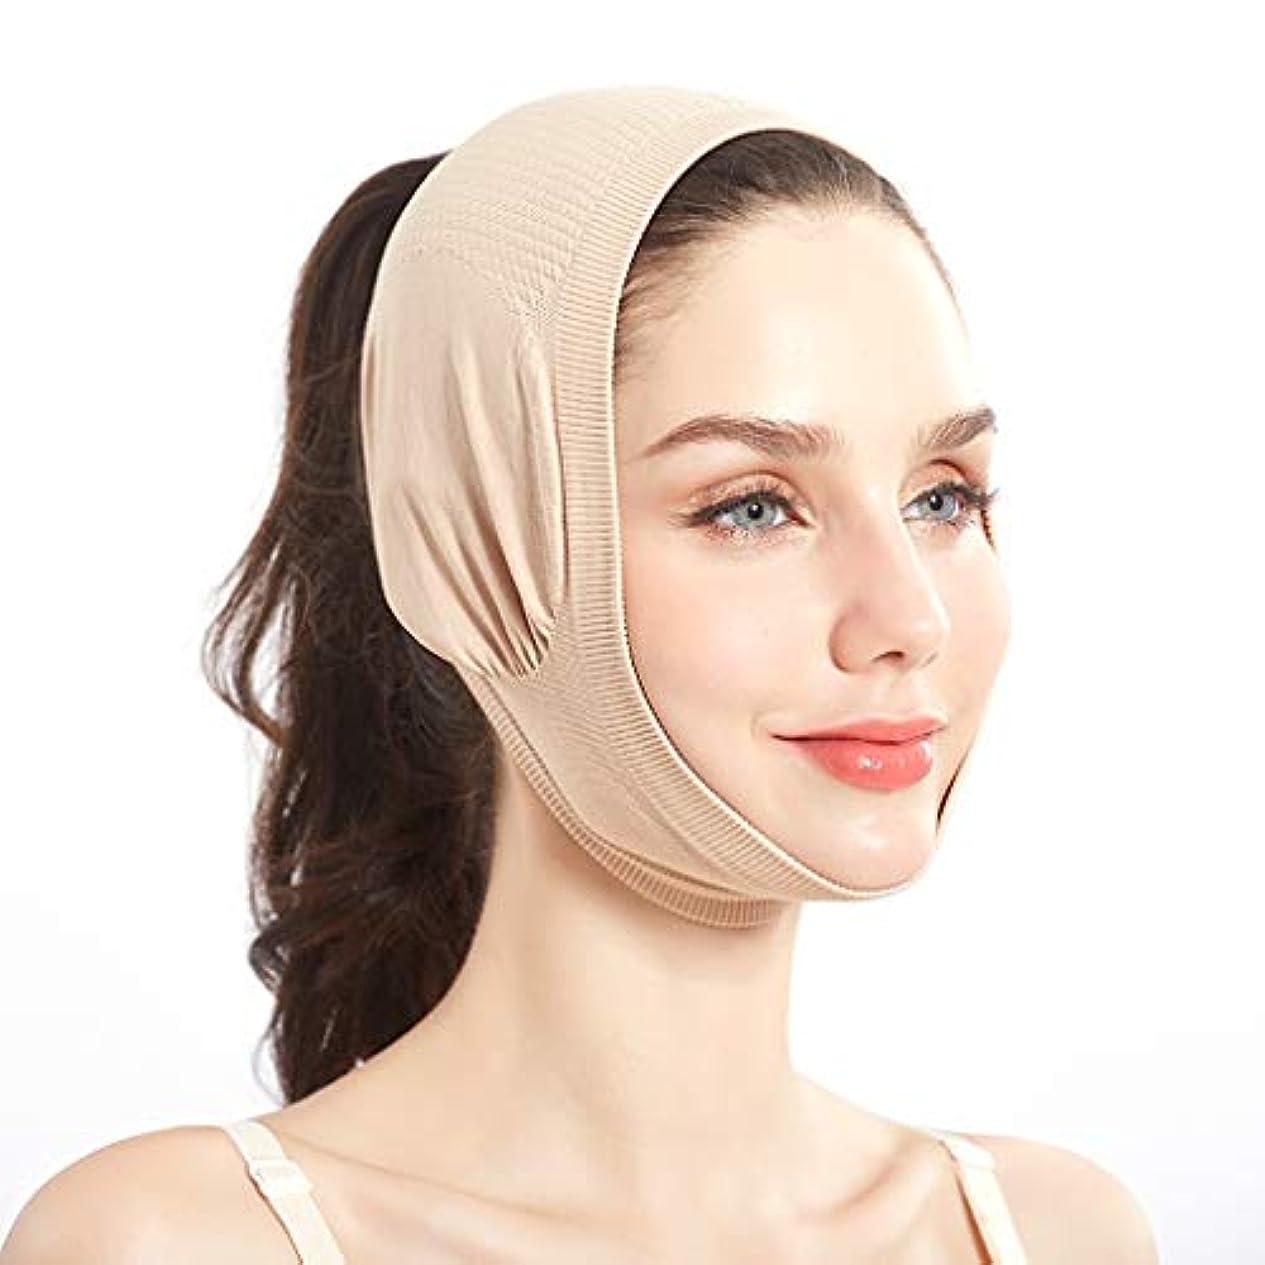 献身バレエ咽頭Jia He 軽量 薄い顔ベルト、Vフェイスアーティファクト薄い二重あごはアンチリンクル包帯超薄型通気性睡眠ビームフェイスベルトを持ち上げ ## (Color : Skin color)